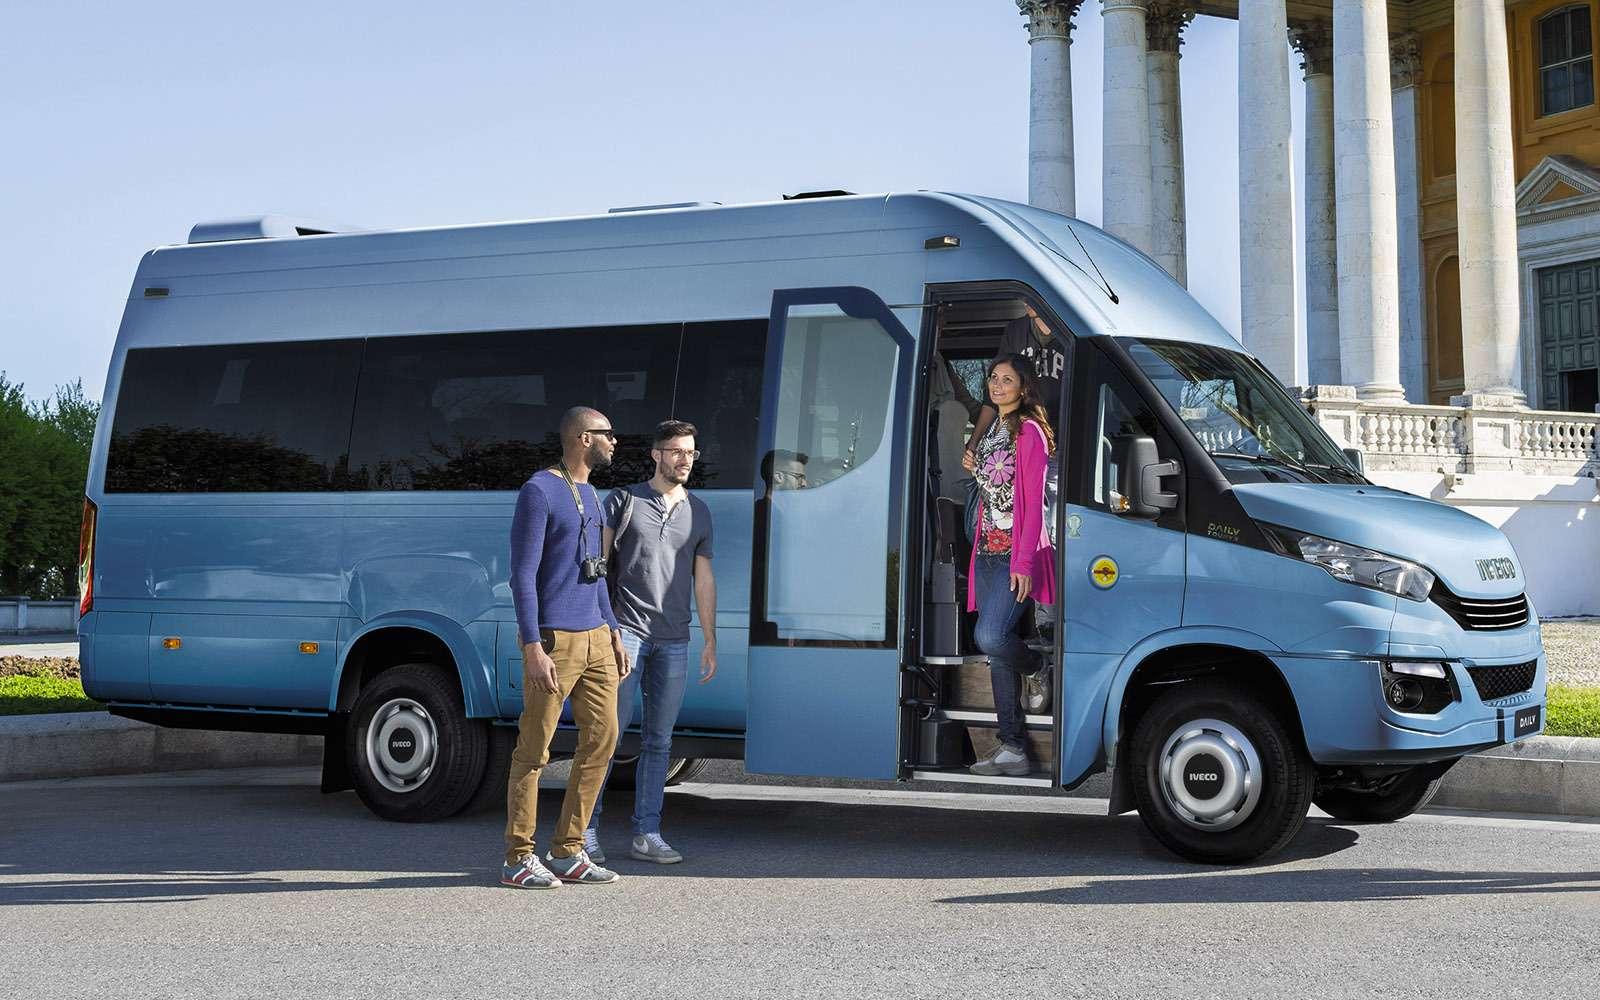 Микроавтобусы Iveco Daily, служащие теперь маршрутками встолице, очень хороши